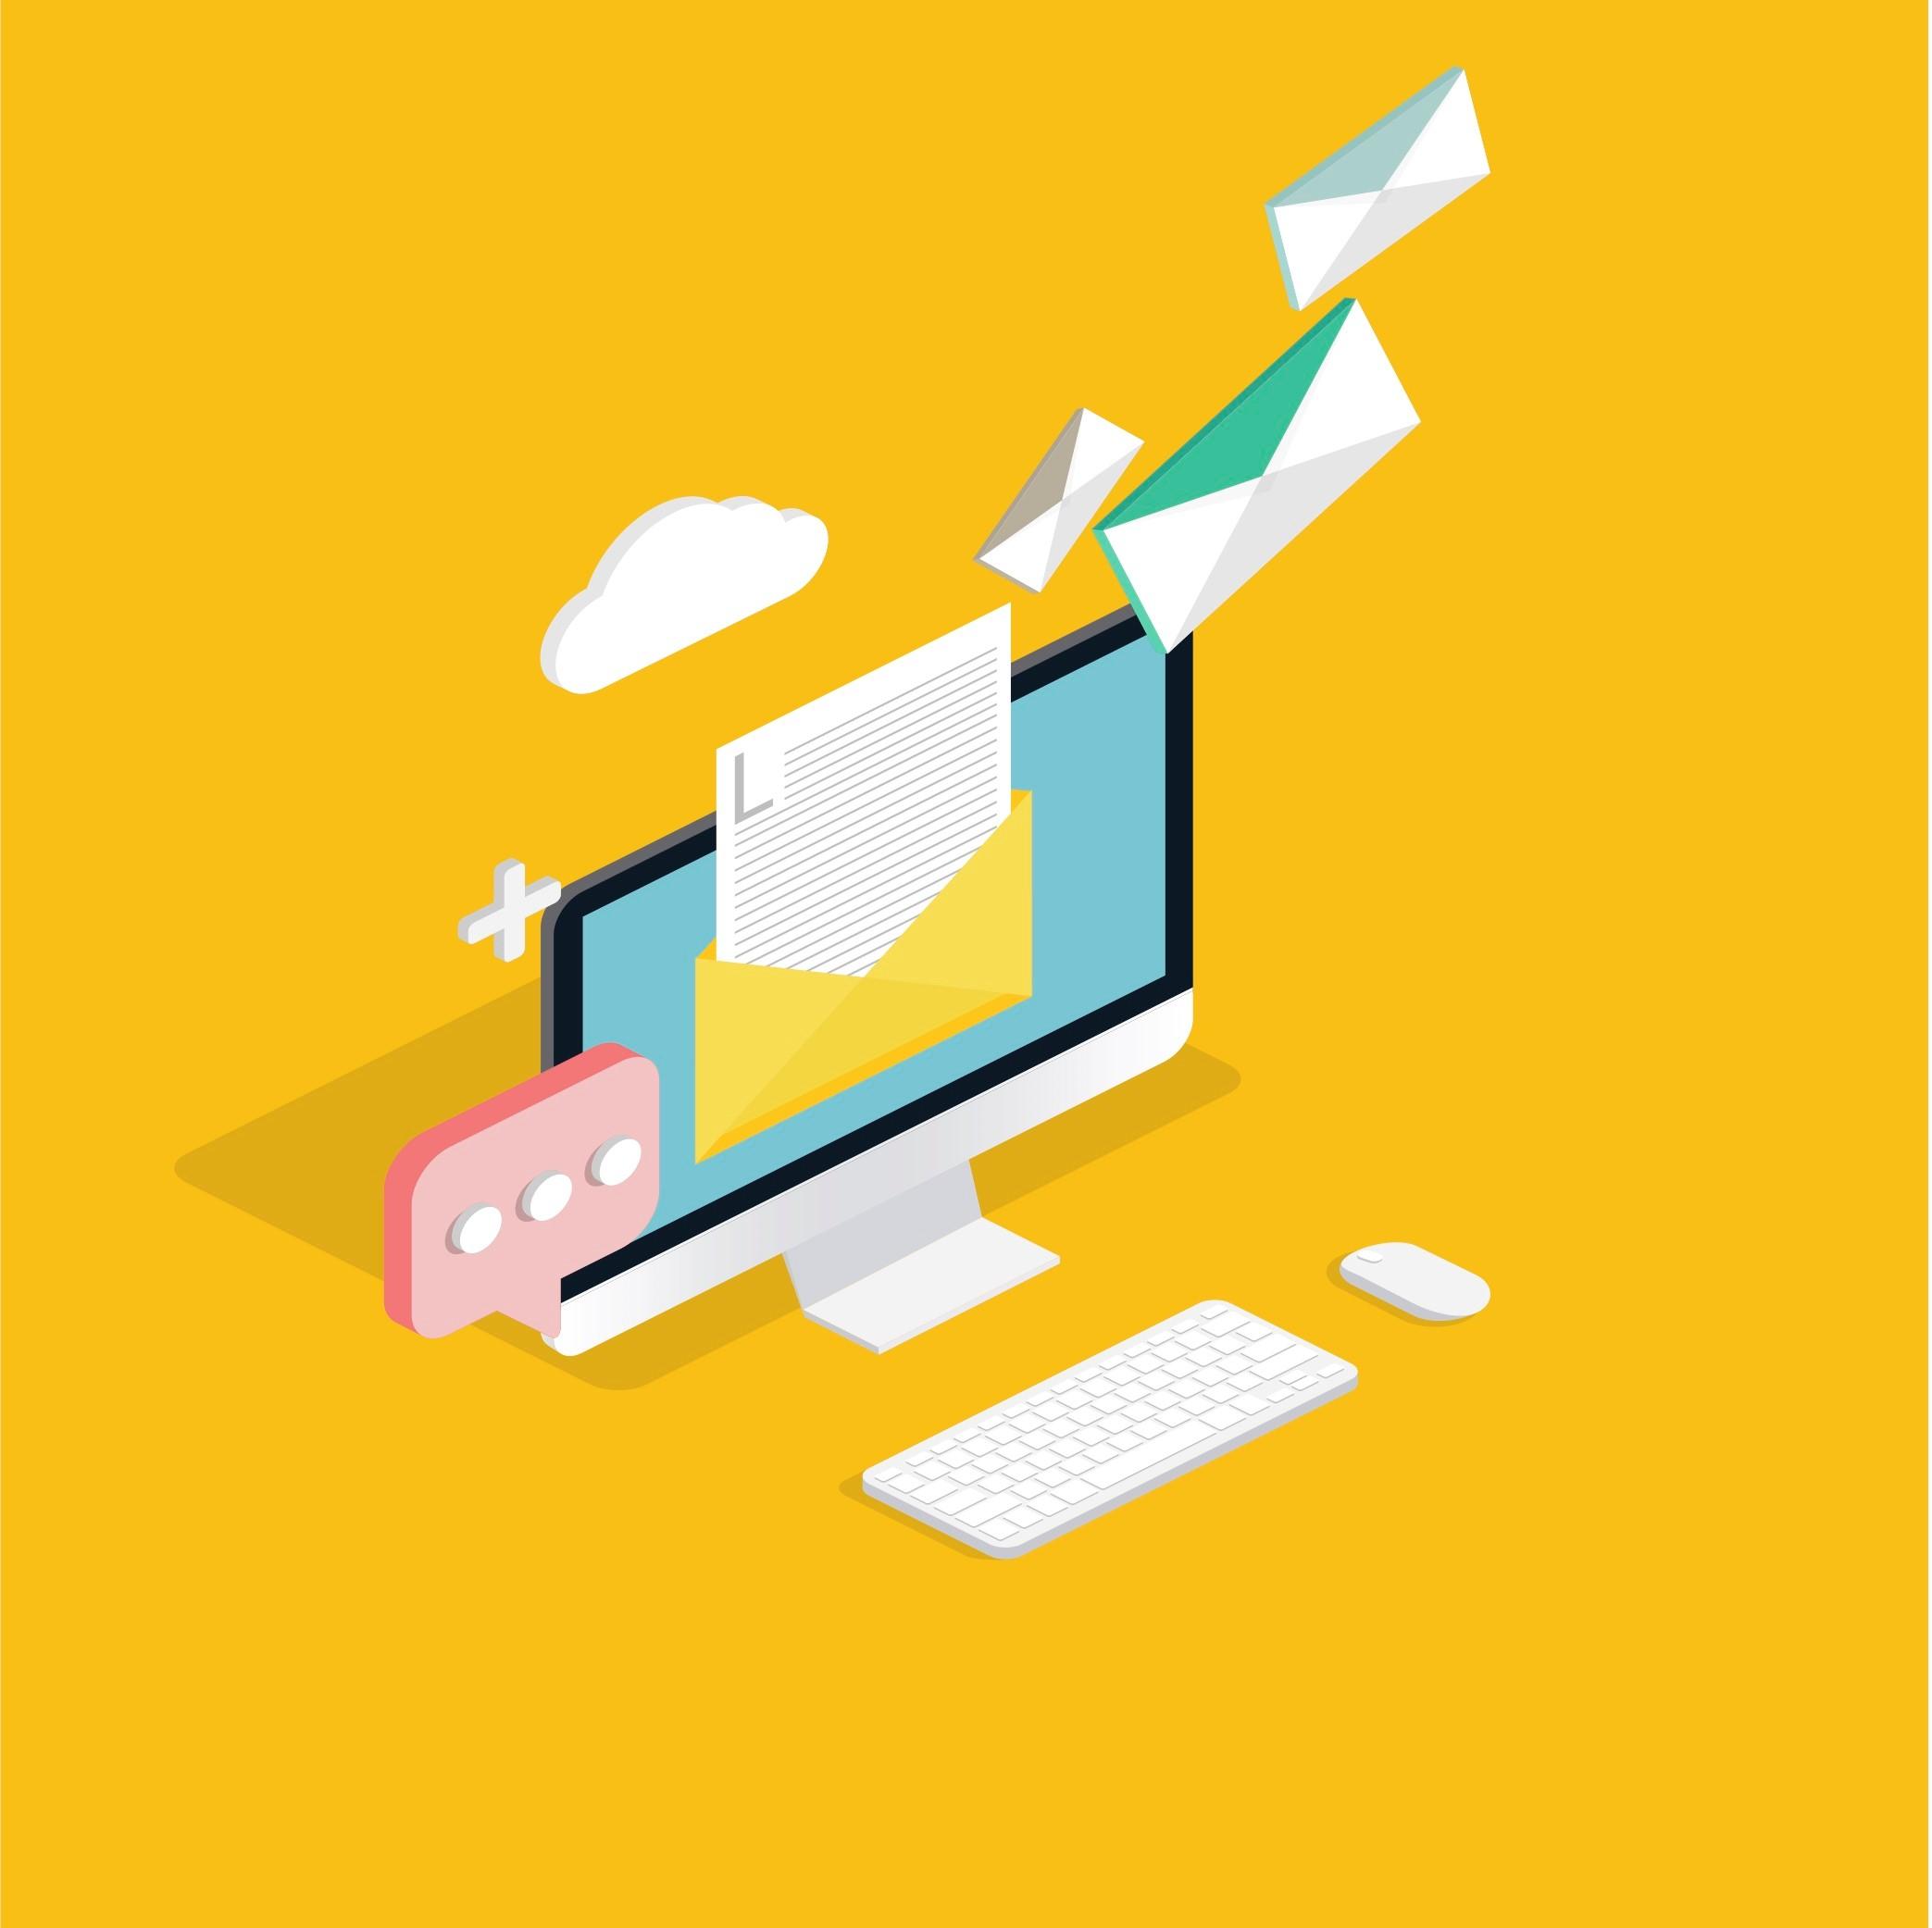 E-Mail für dich:  E-Mail-Marketing-Experte Christian Fuchs über die Bedeutung personalisierter Ansprache